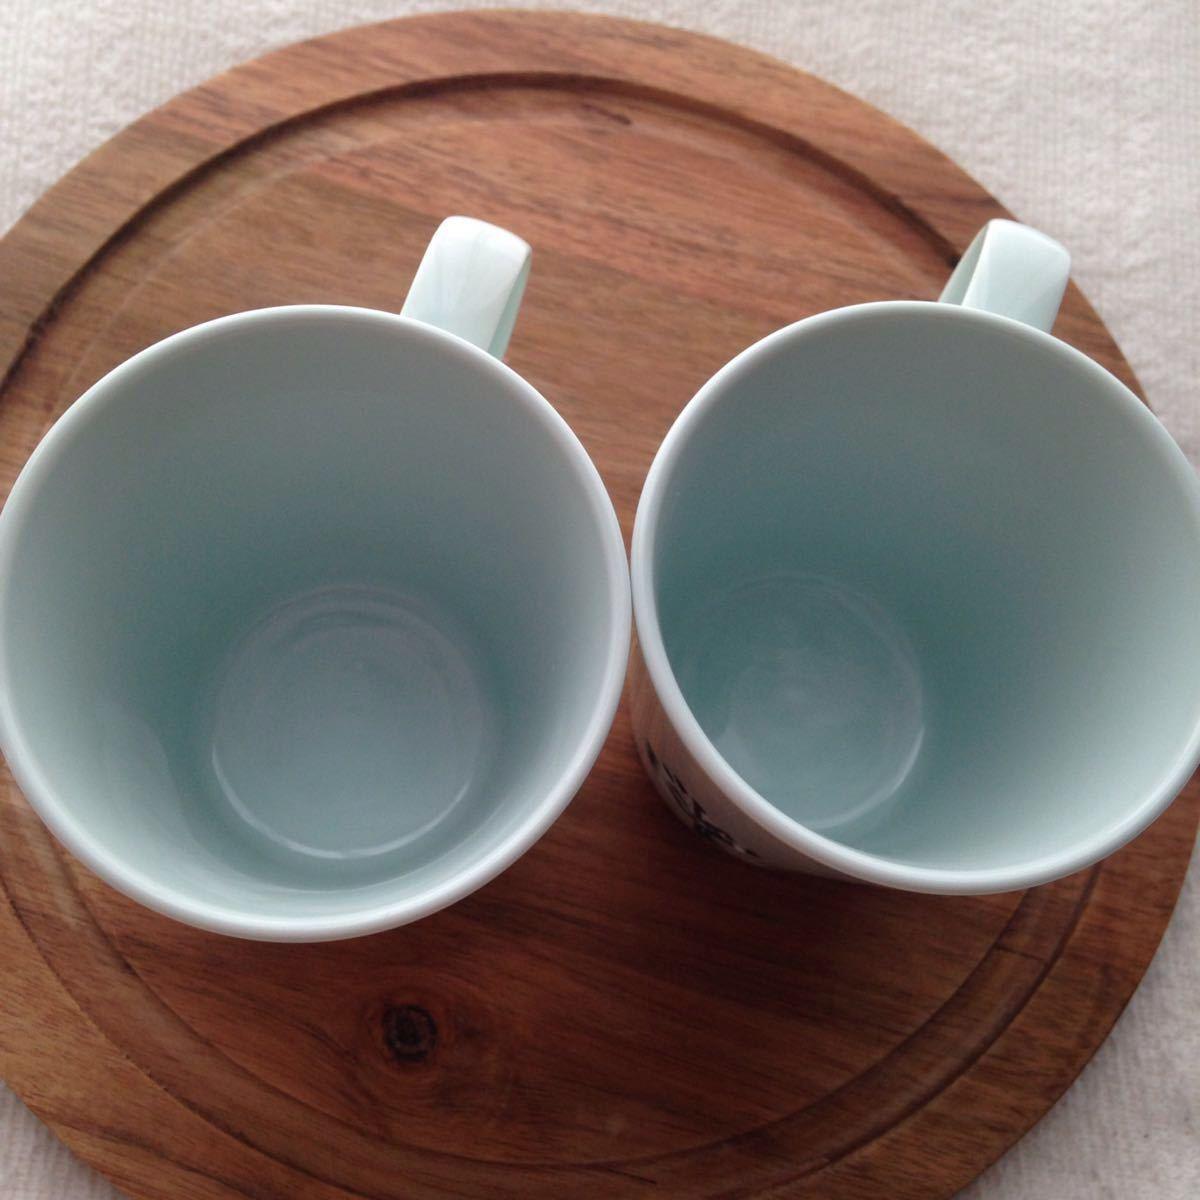 ★送料無料・匿名配送★【 ムーミン MOOMIN CHARACTERS 】マグカップ2点セット_画像4